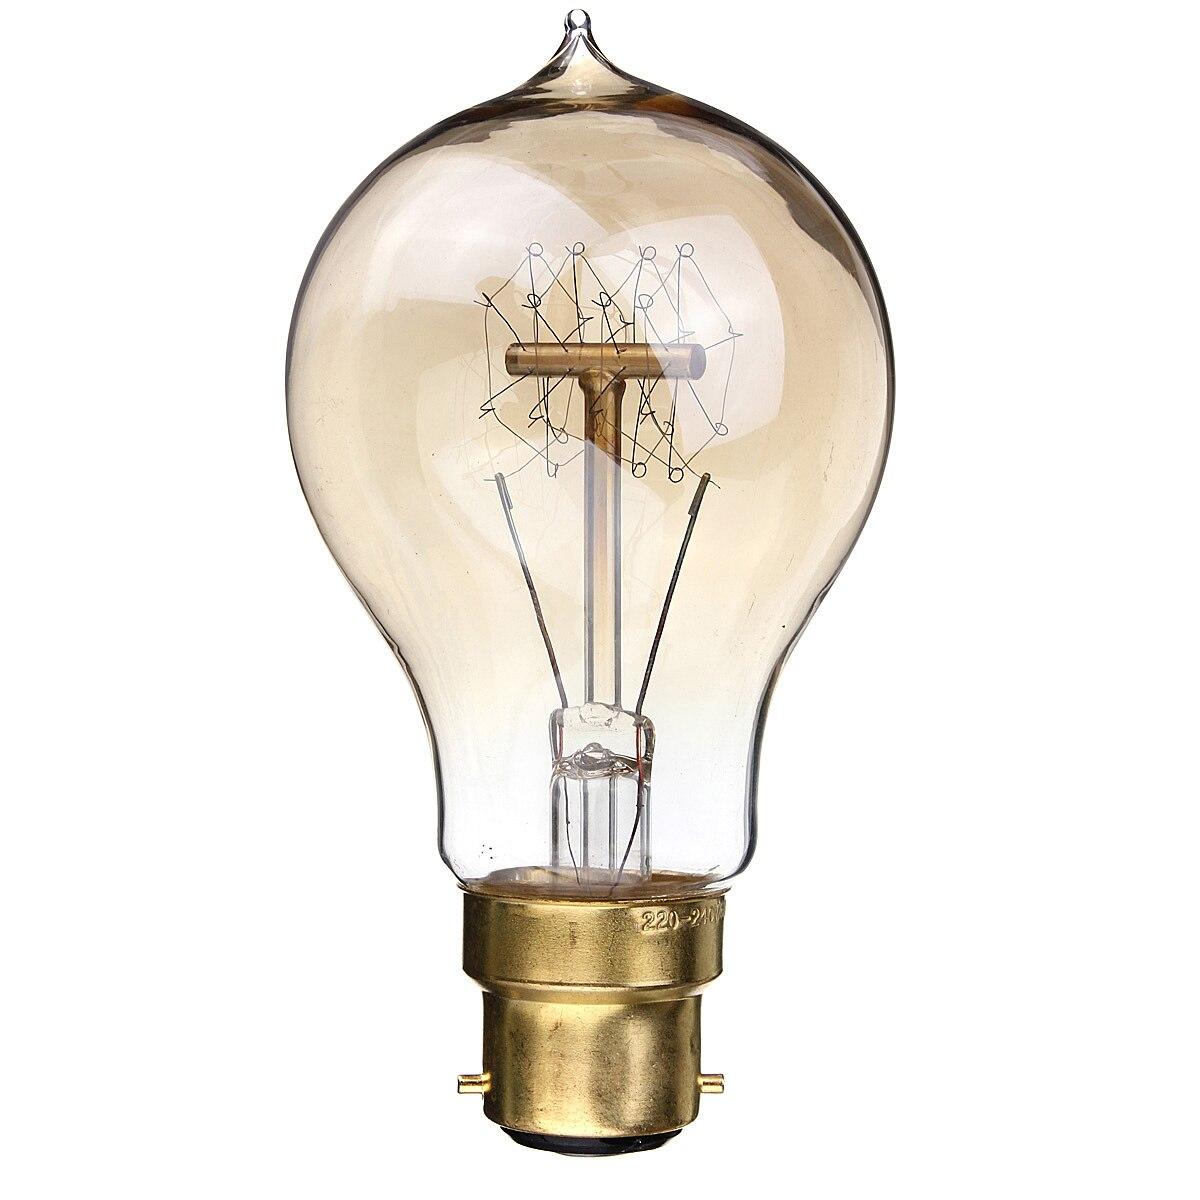 B22 220V Incandescent Bulb 40W A19 23 Anchors Edison Filament Light Bulb